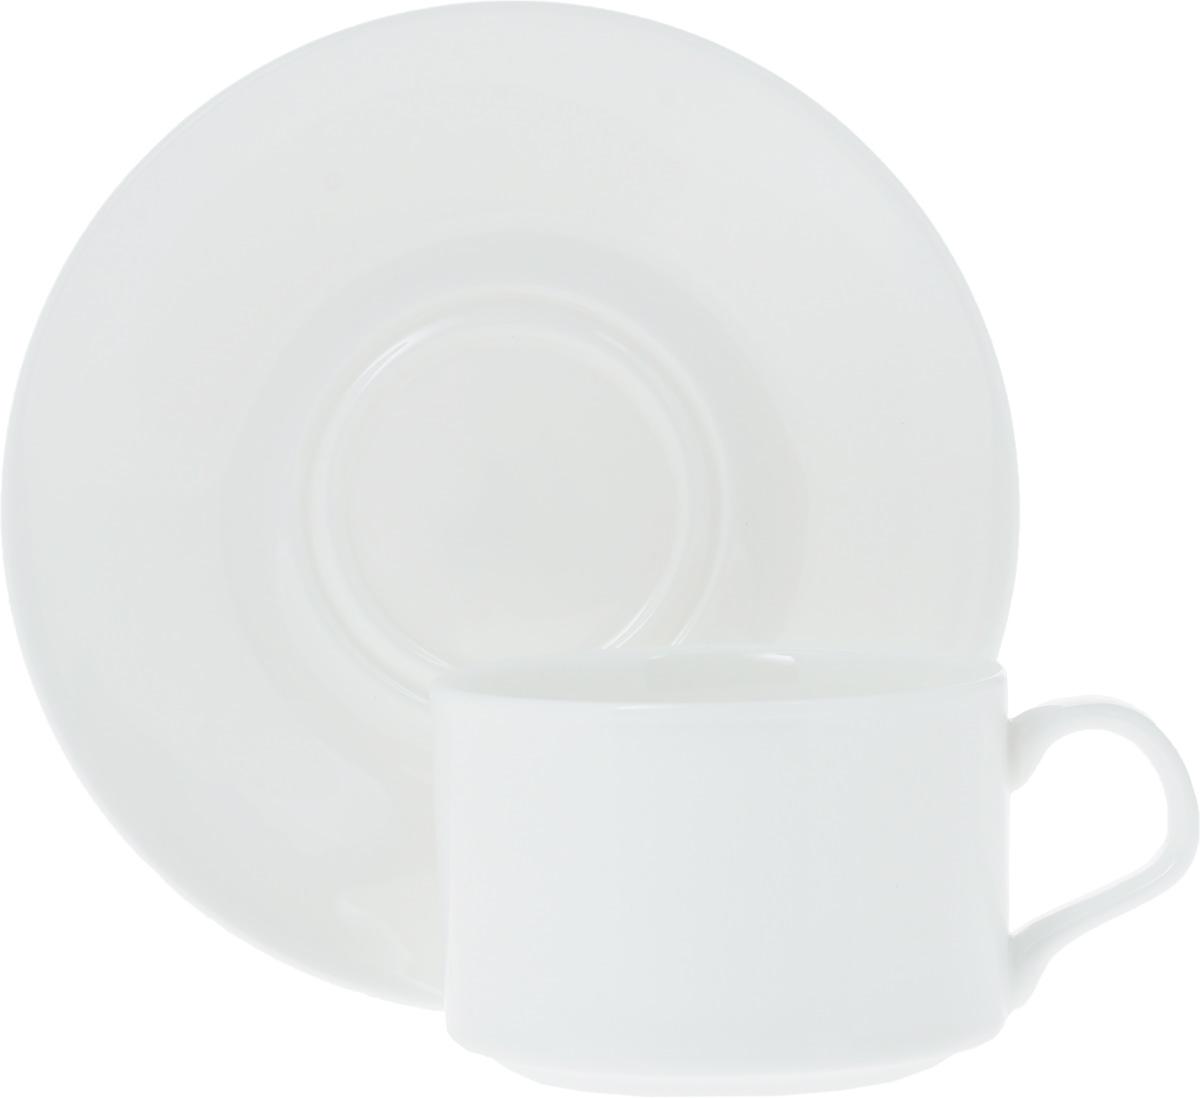 Чайная пара Wilmax, 2 предмета. WL-993006 / ABWL-993006 / ABЧайная пара Wilmax состоит из чашки и блюдца. Изделия выполнены из высококачественного фарфора, покрытого слоем глазури. Изделия имеют лаконичный дизайн, просты и функциональны в использовании. Чайная пара Wilmax украсит ваш кухонный стол, а также станет замечательным подарком к любому празднику.Изделия можно мыть в посудомоечной машине и ставить в микроволновую печь. Объем чашки: 160 мл.Диаметр чашки (по верхнему краю): 7,5 см.Высота чашки: 5 см.Диаметр блюдца: 14 см.